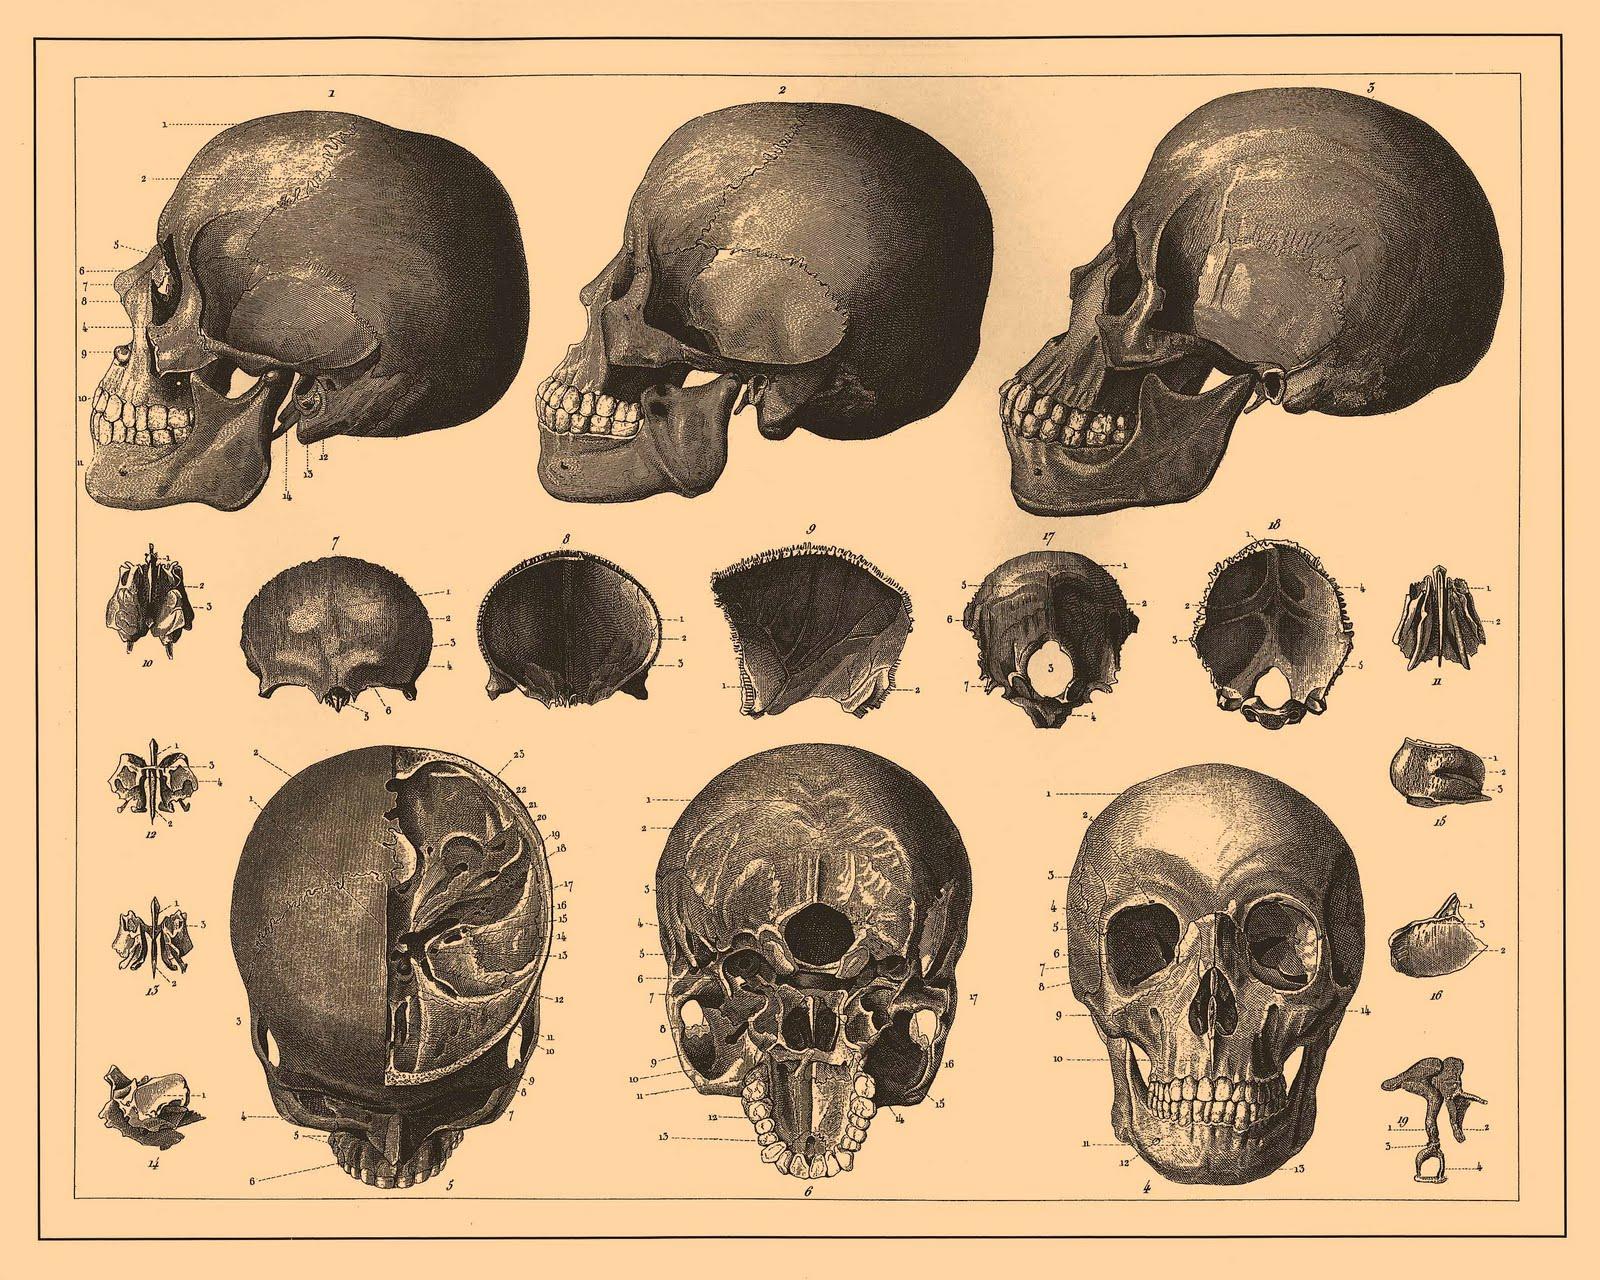 Vintage Ephemera: Skull and bone Illustrations (1890—1907)